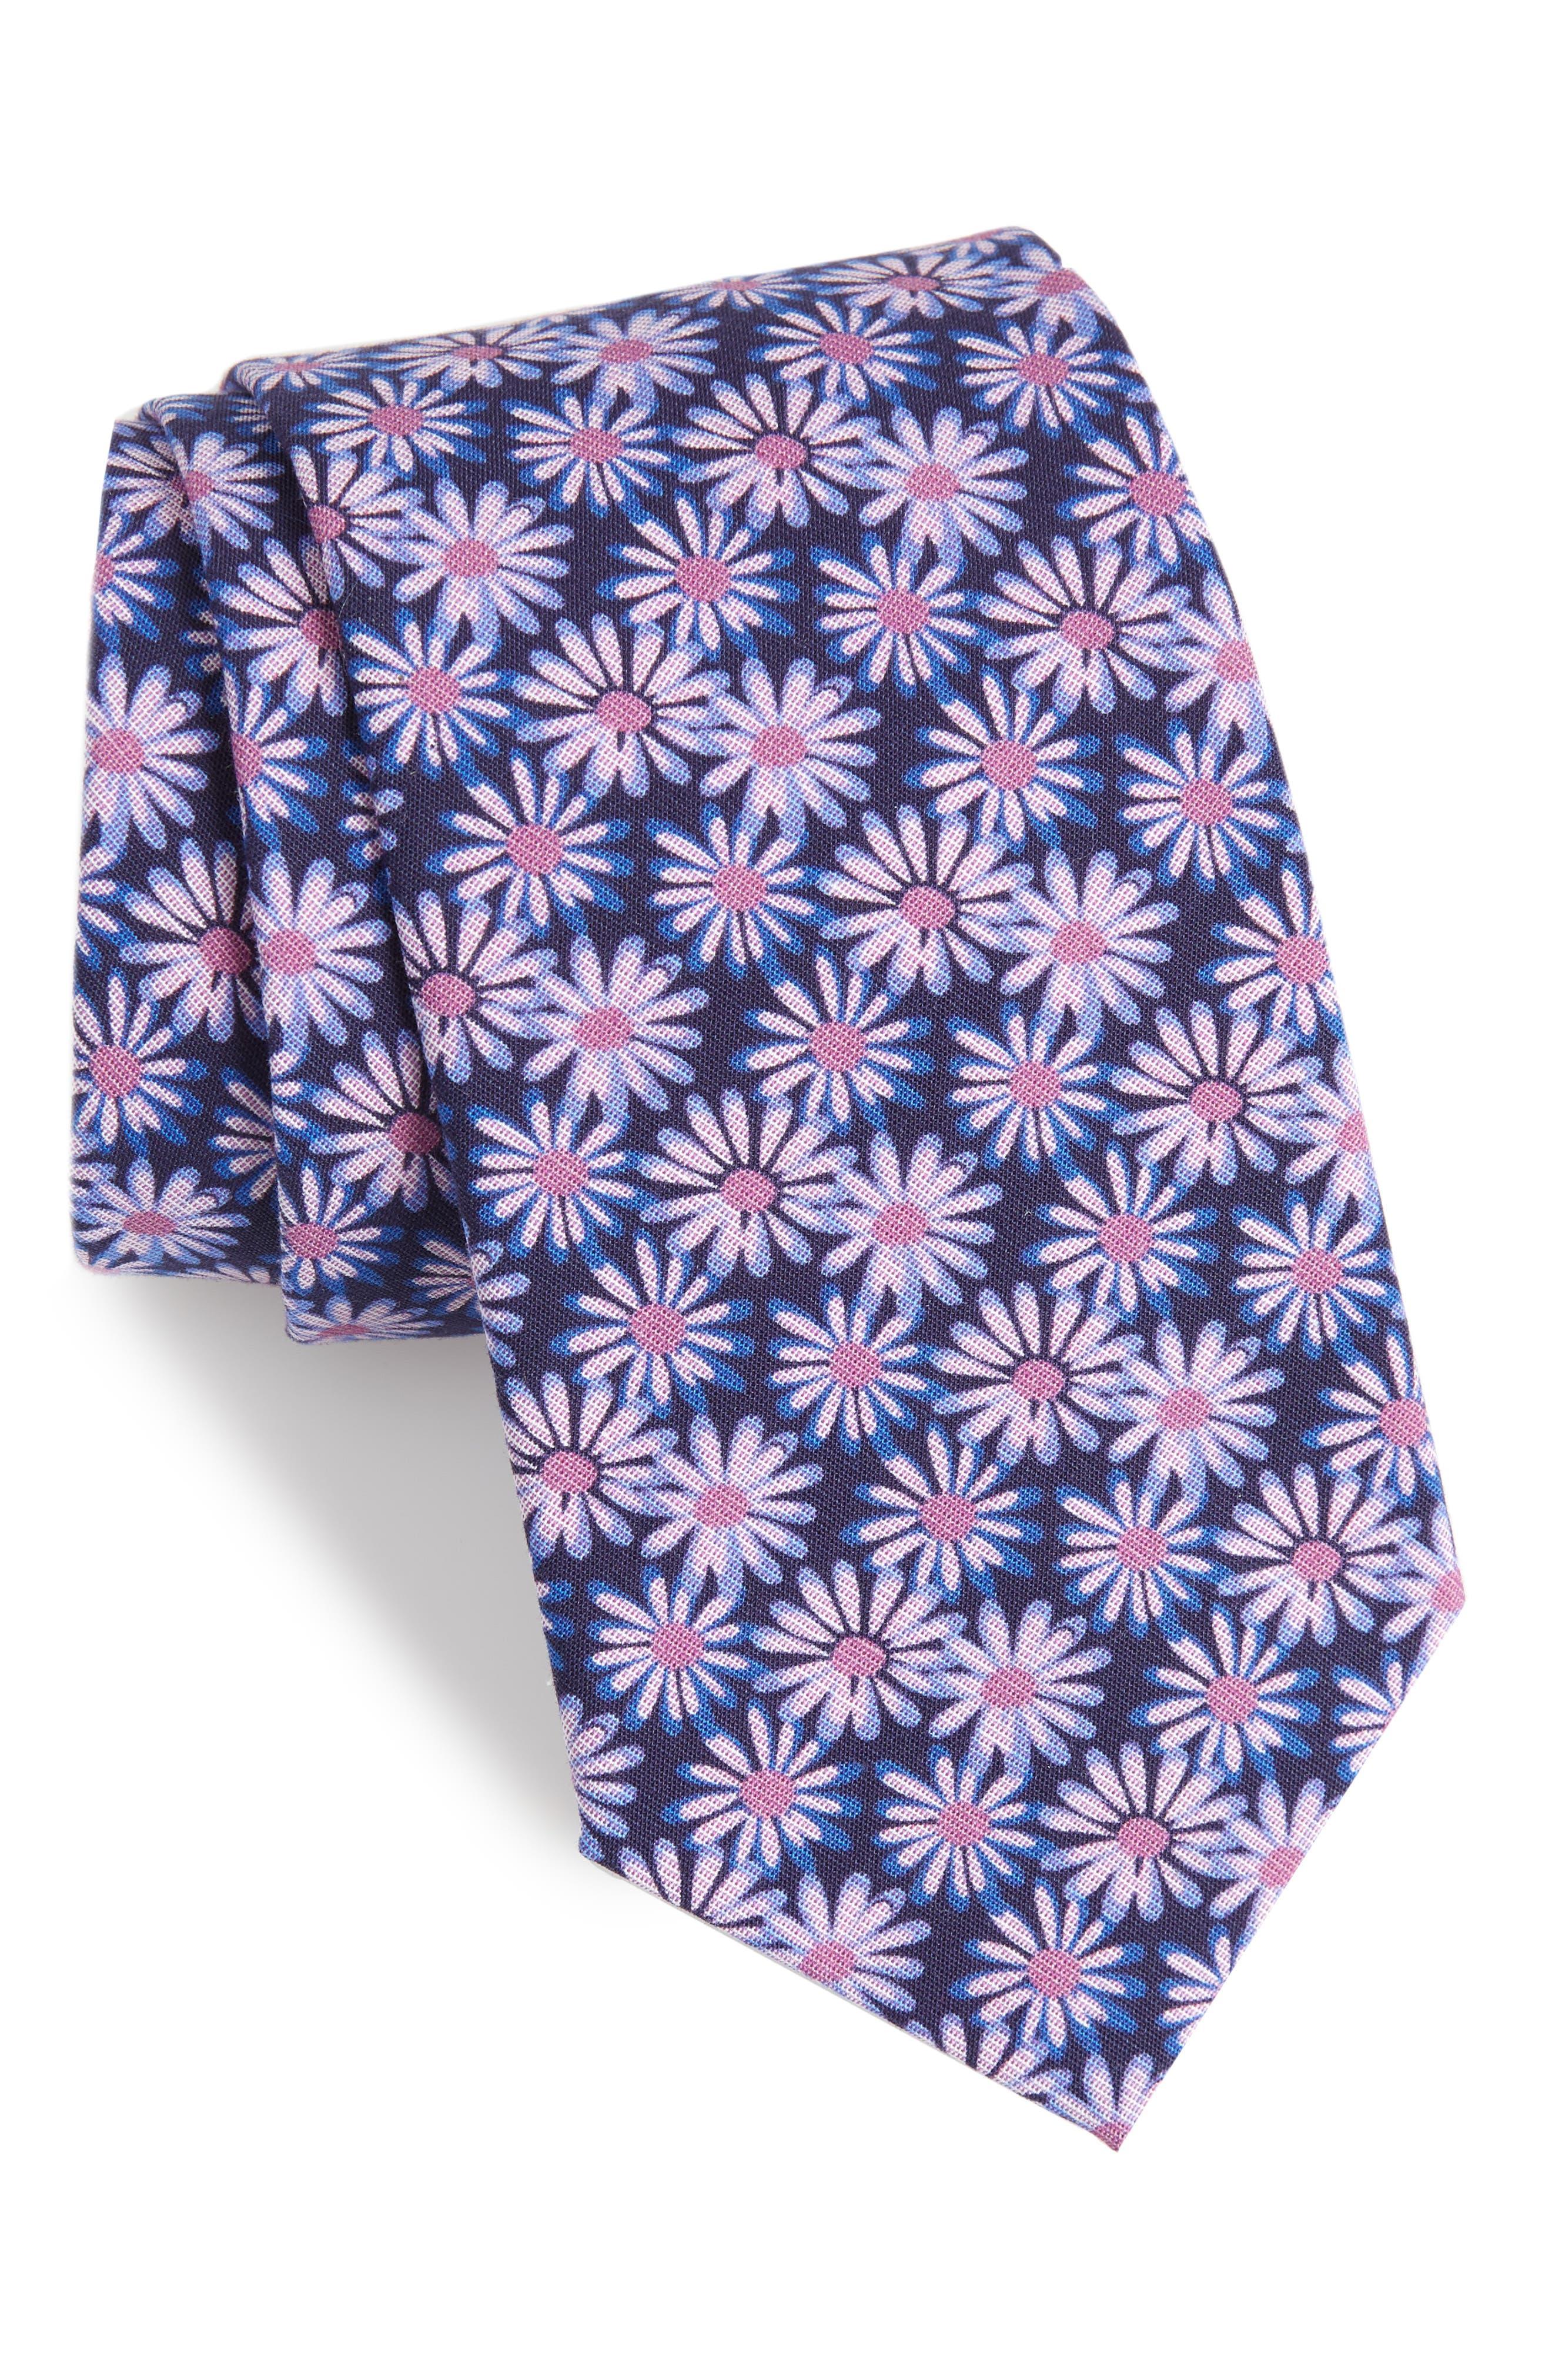 Floral Breeze Print Cotton Tie,                         Main,                         color, 500